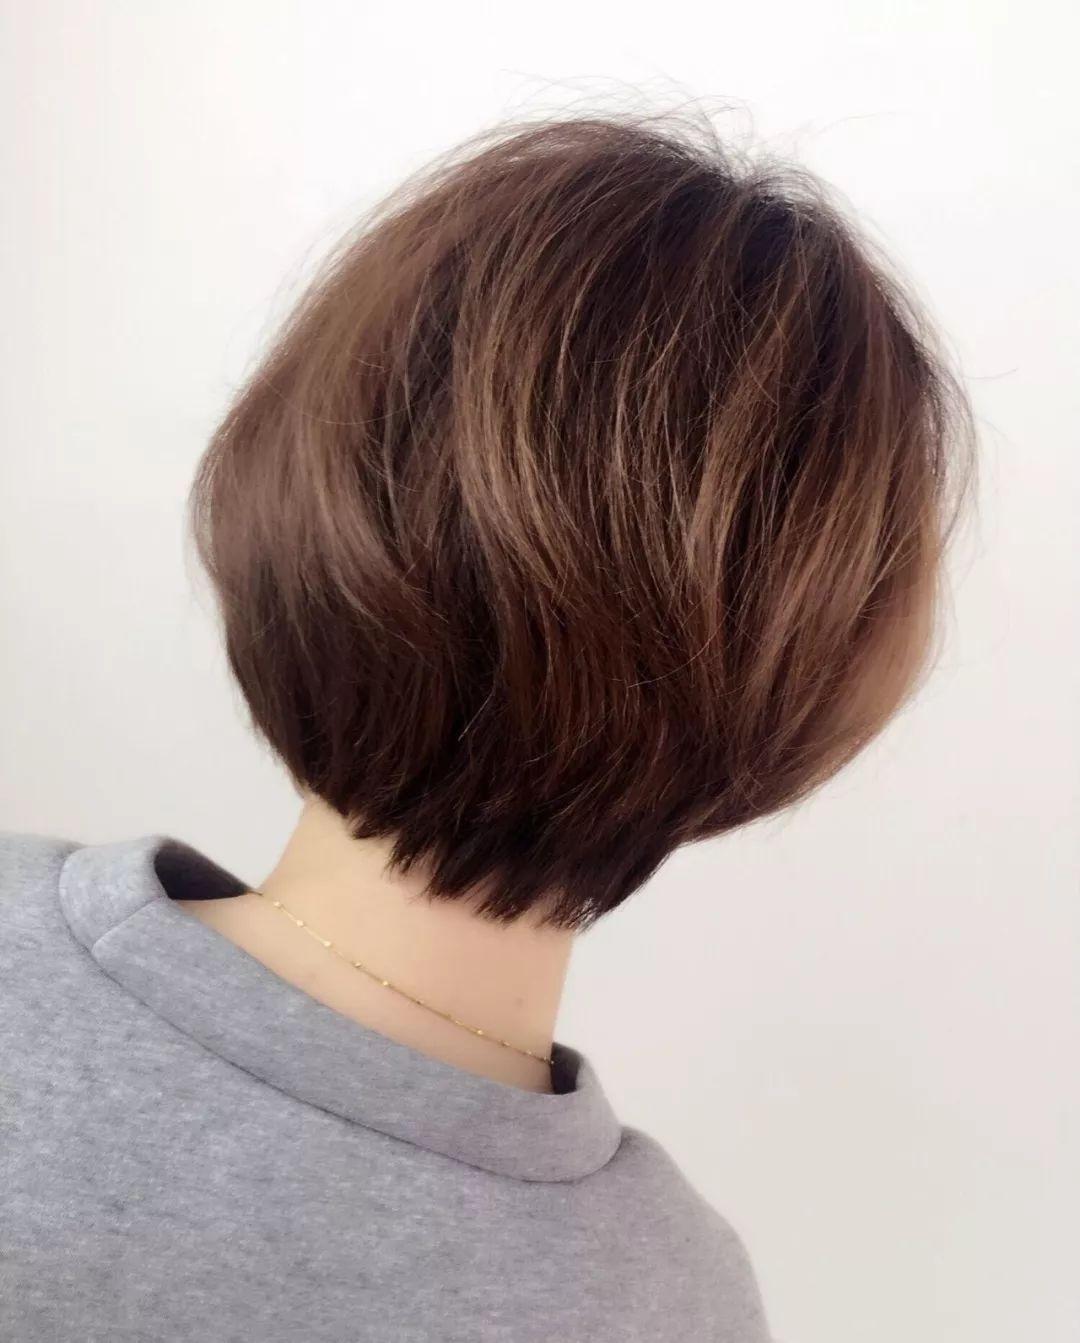 女生后脑勺剃掉短发图片展示 清洗时需注意的几大事... _新浪博客